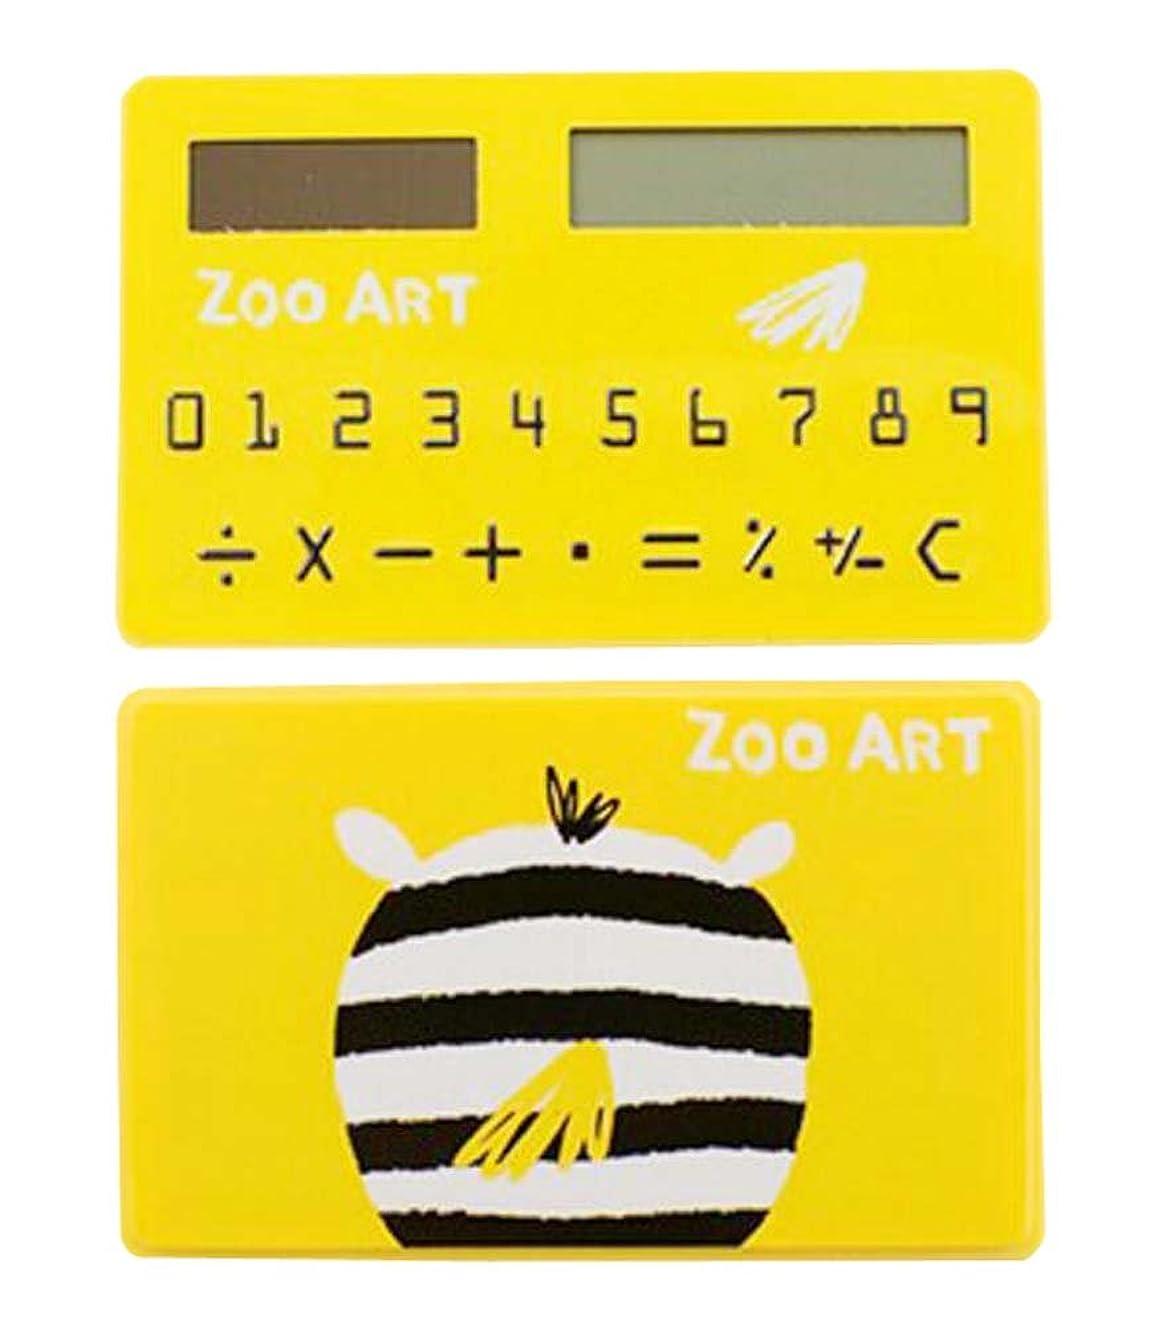 疑問に思う鉛筆議会クリエイティブソーラー電卓かわいいミニ電卓、イエロー